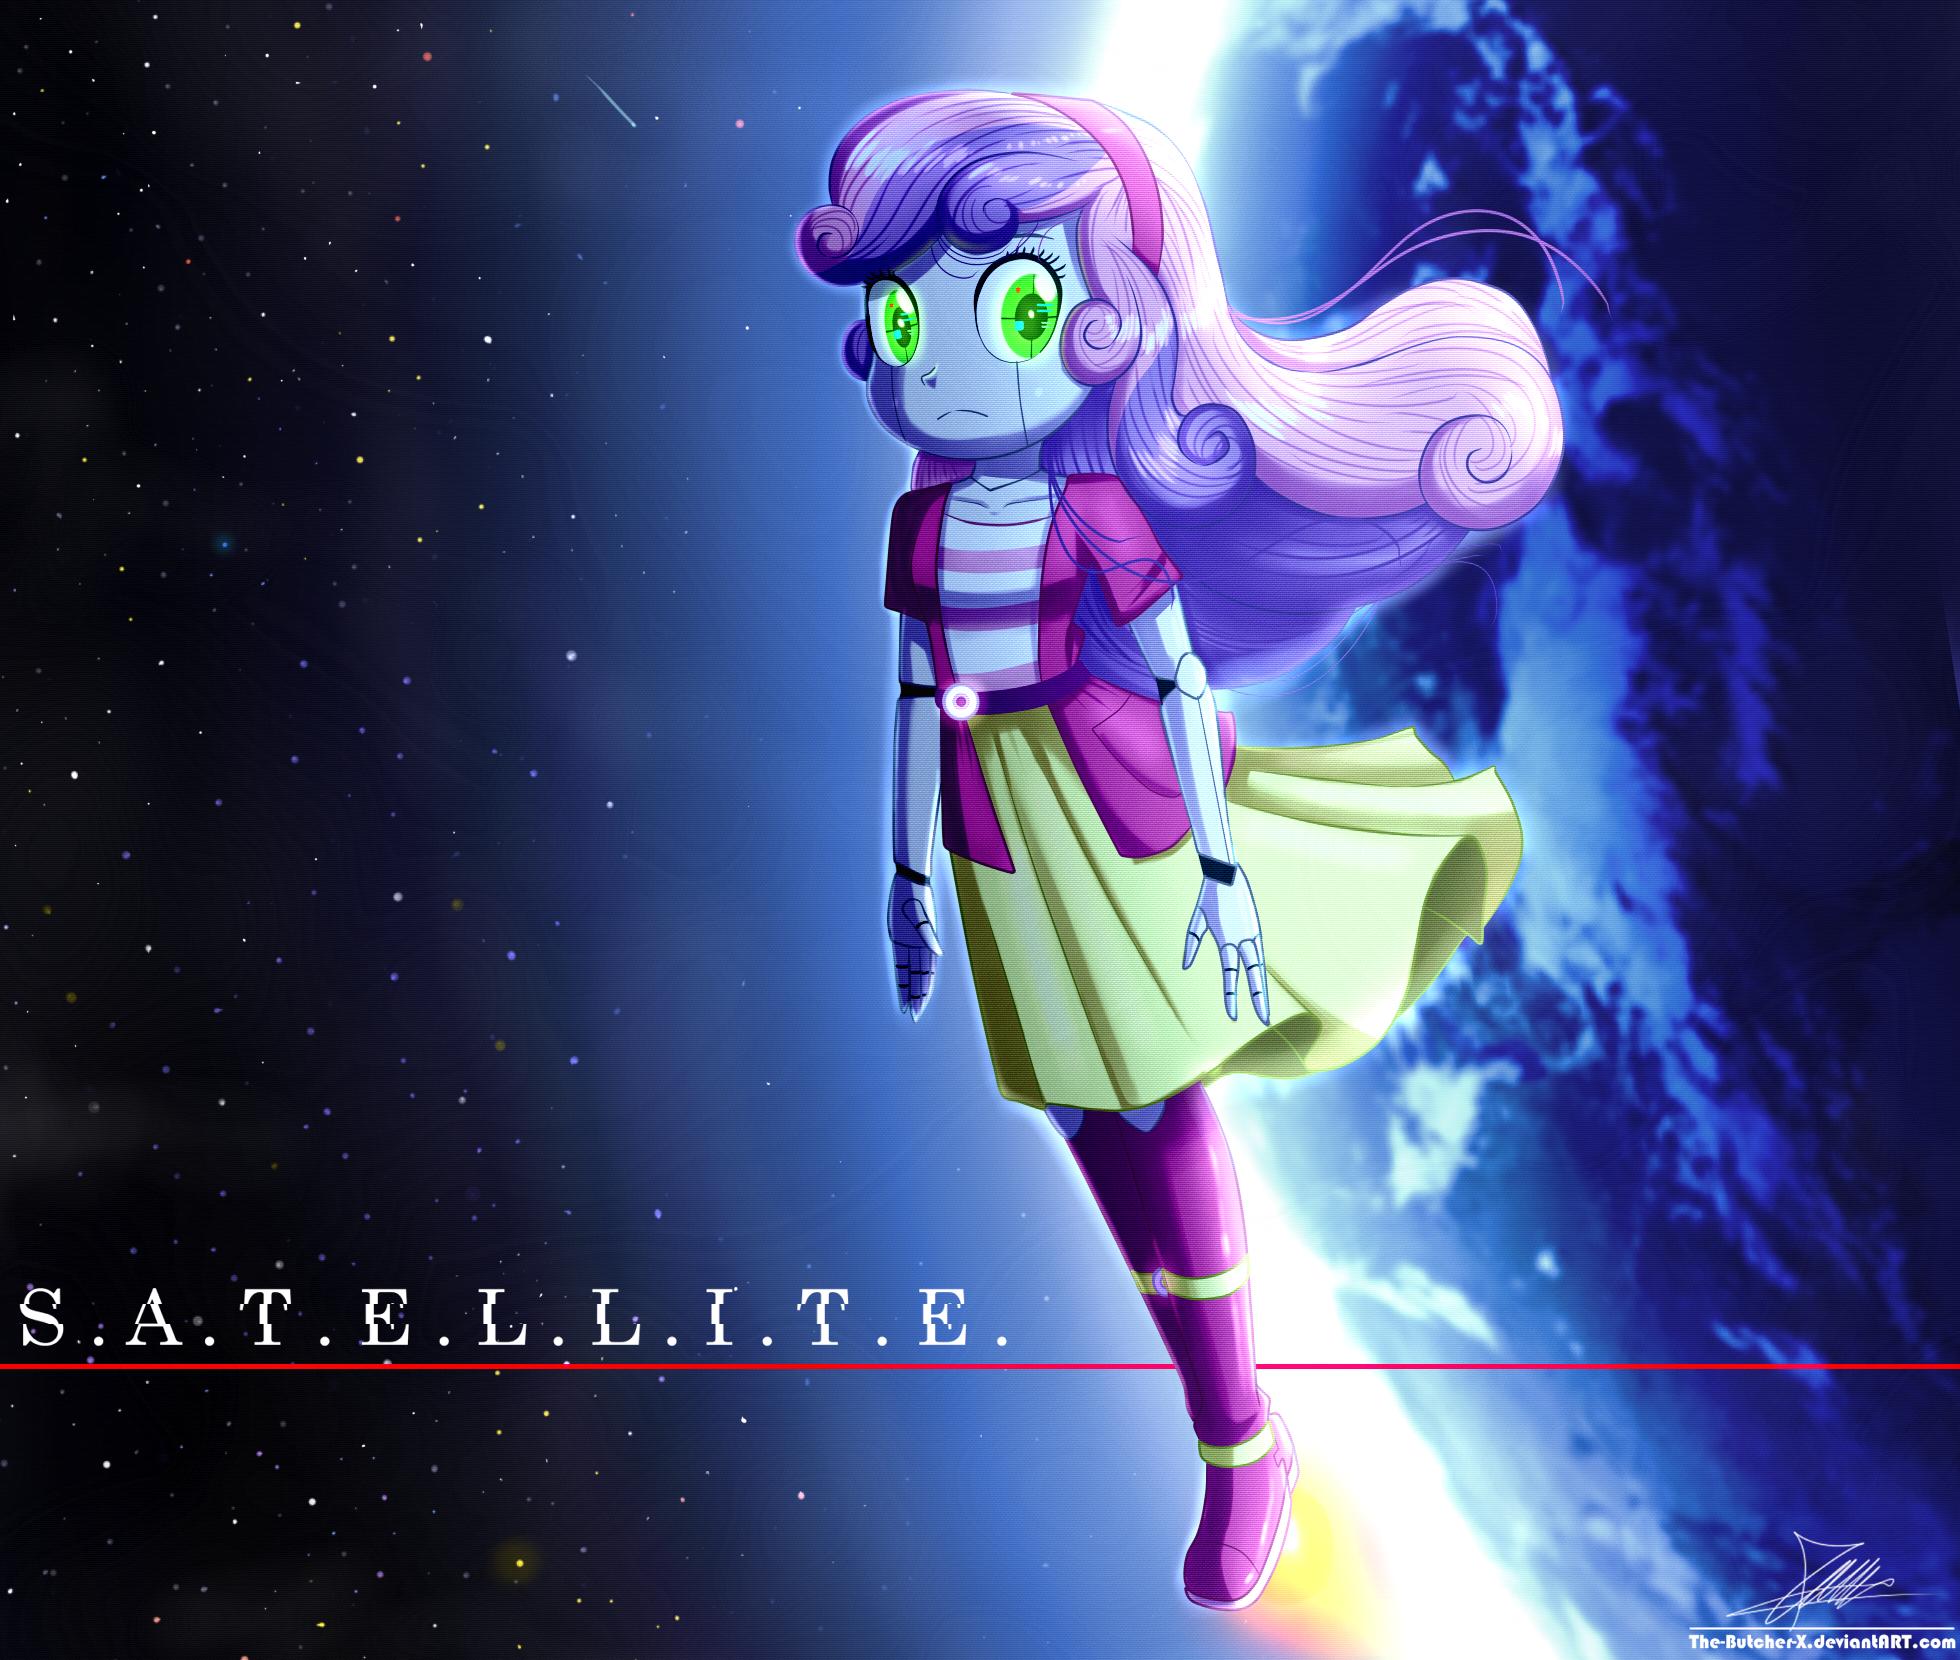 .:S.A.T.E.L.L.I.T.E.:.